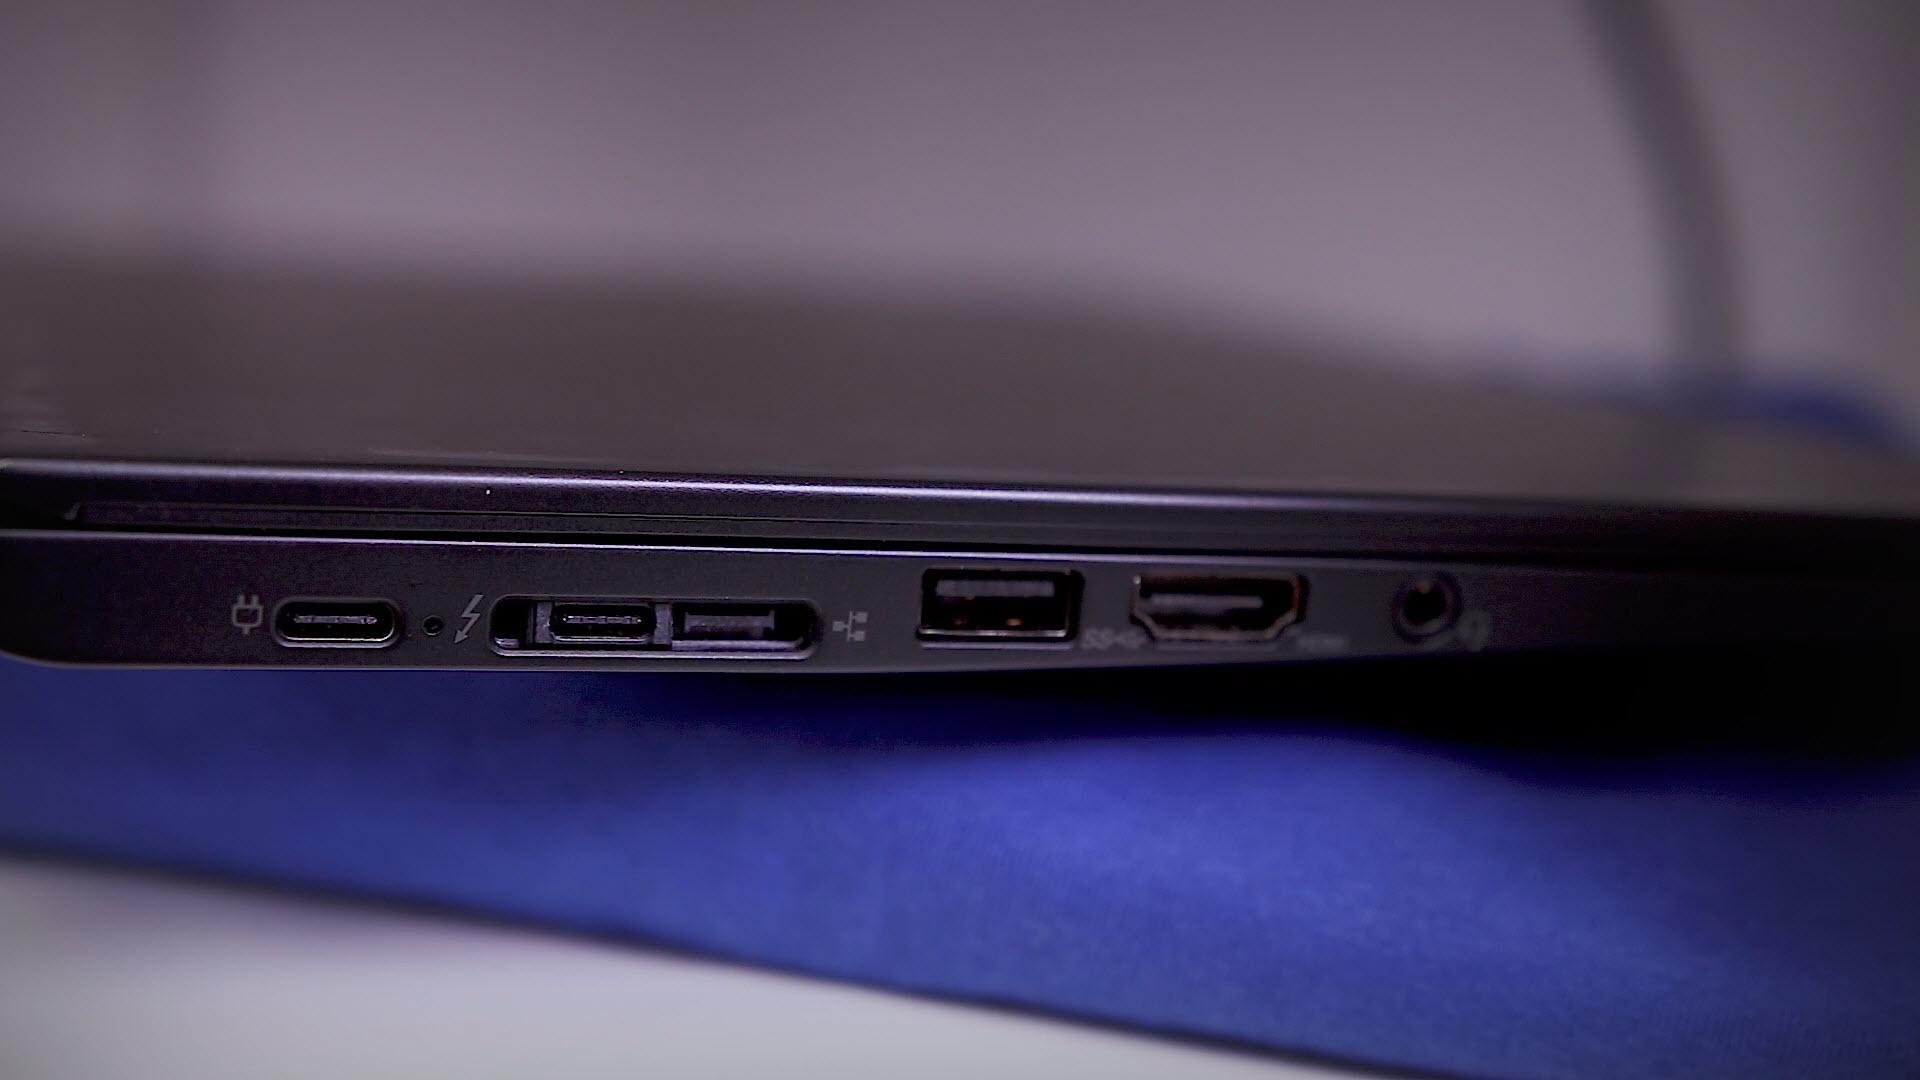 Lenovo X280